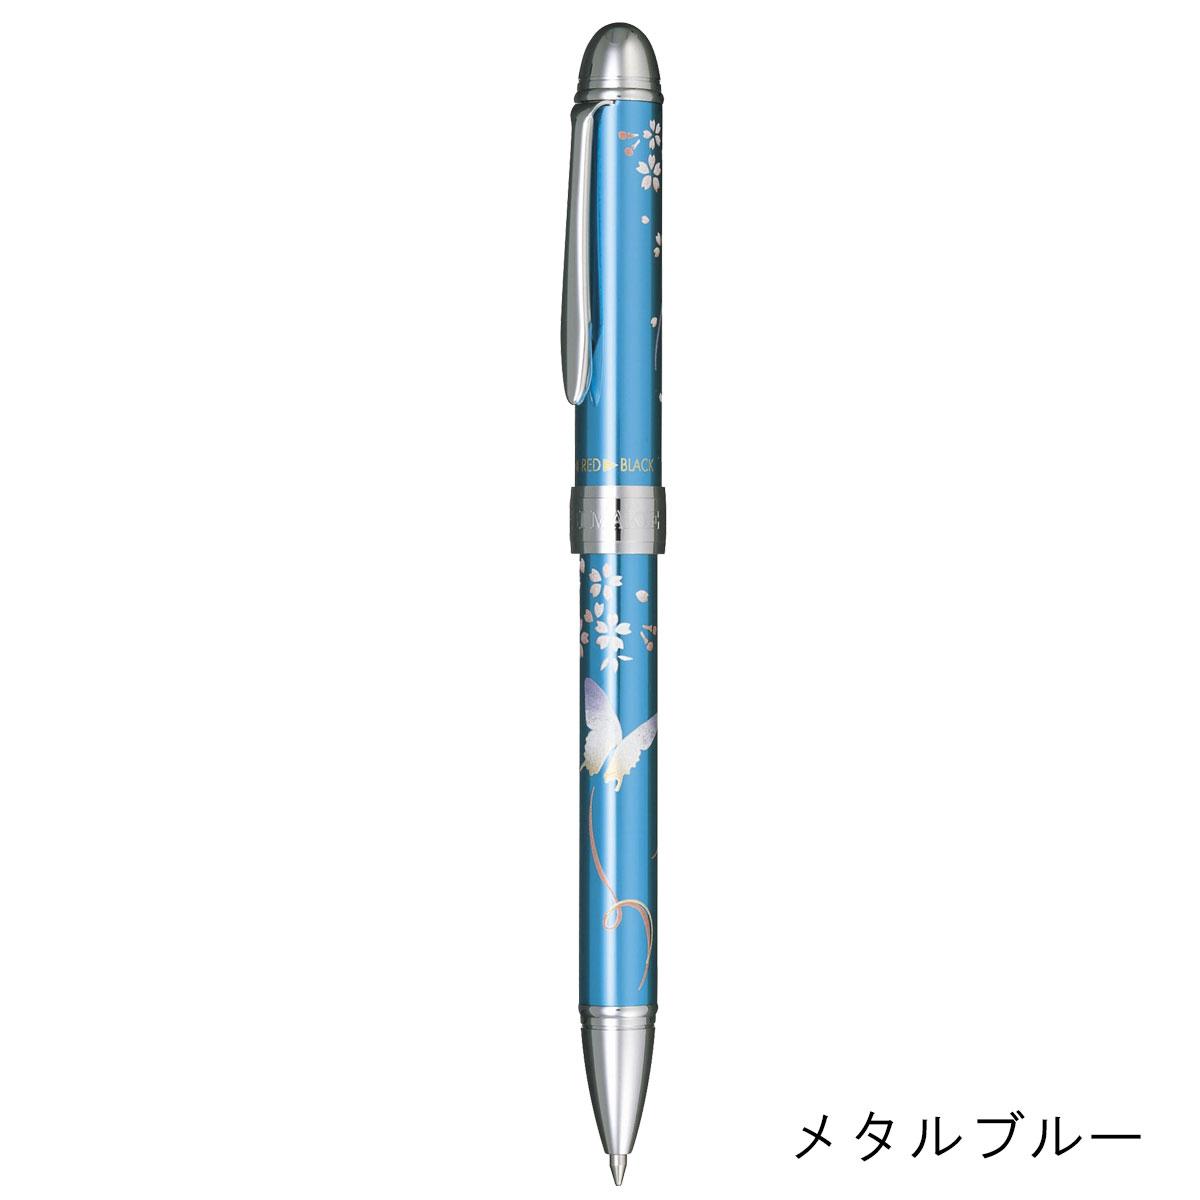 優美蒔絵 蝶(2色ボールペン+シャープペン)